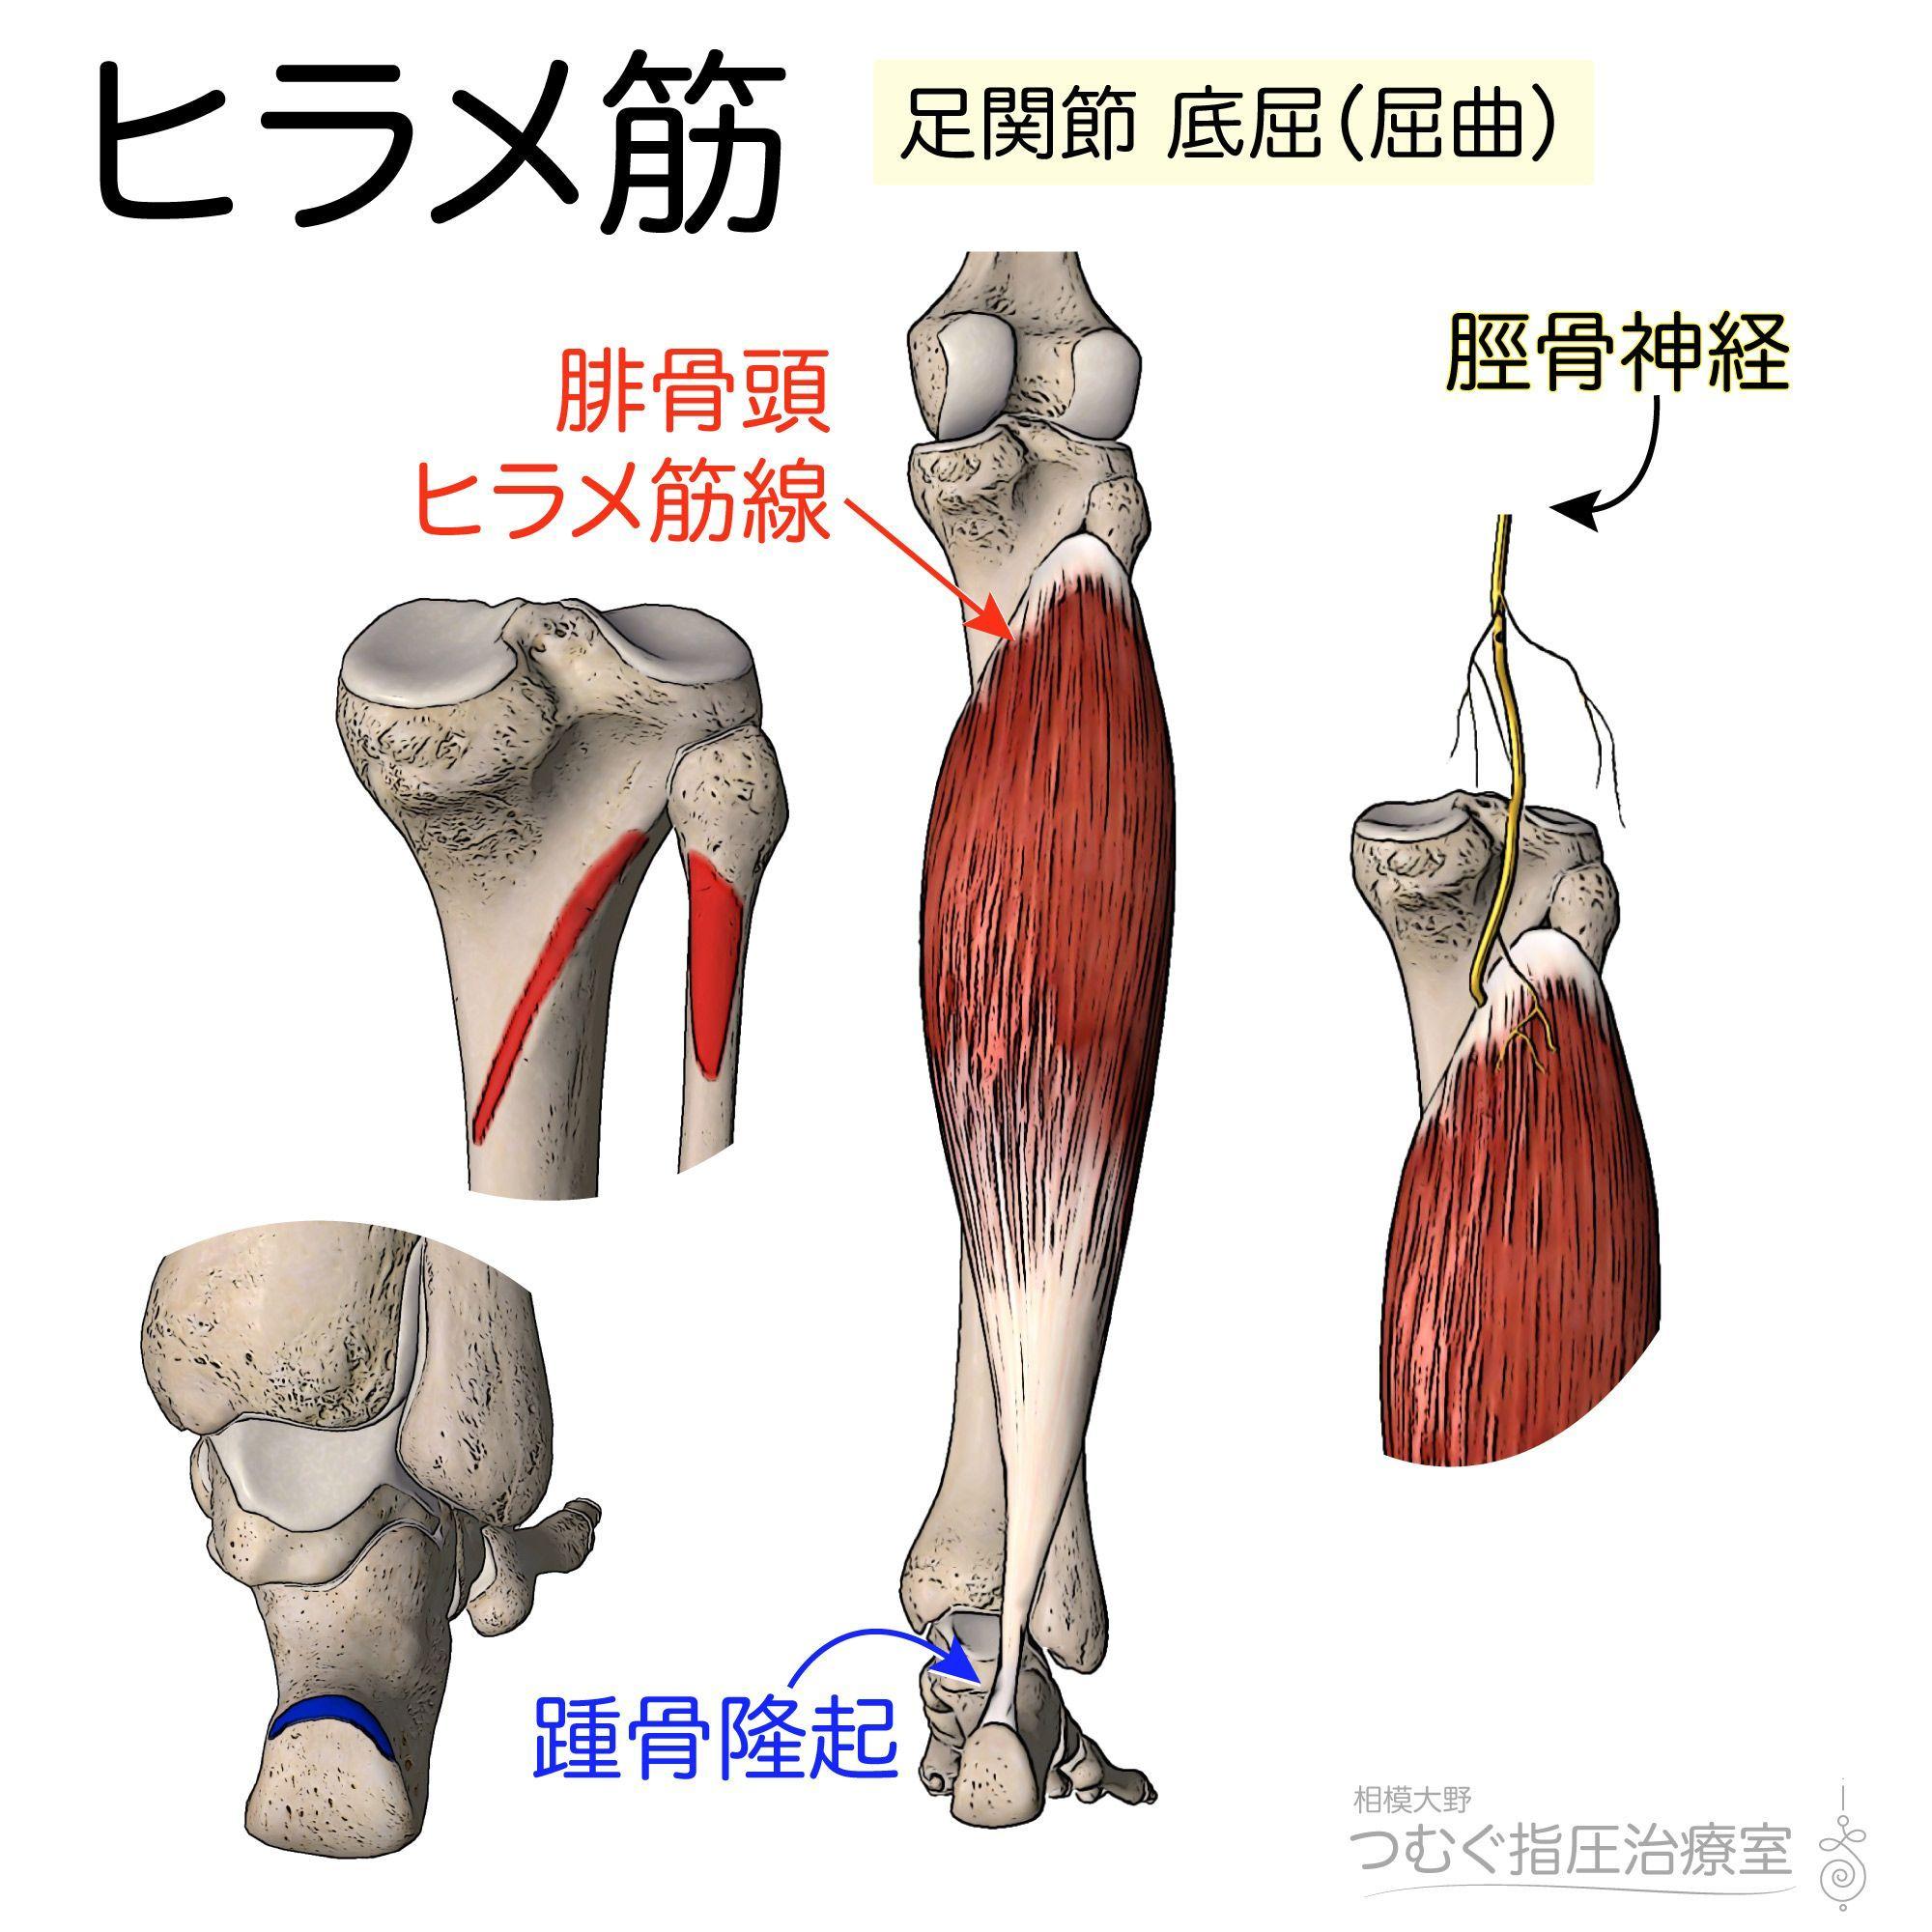 筋シリーズ】ヒラメ筋 ヒラメ筋は腓腹筋とともに下腿三頭筋を構成する ...